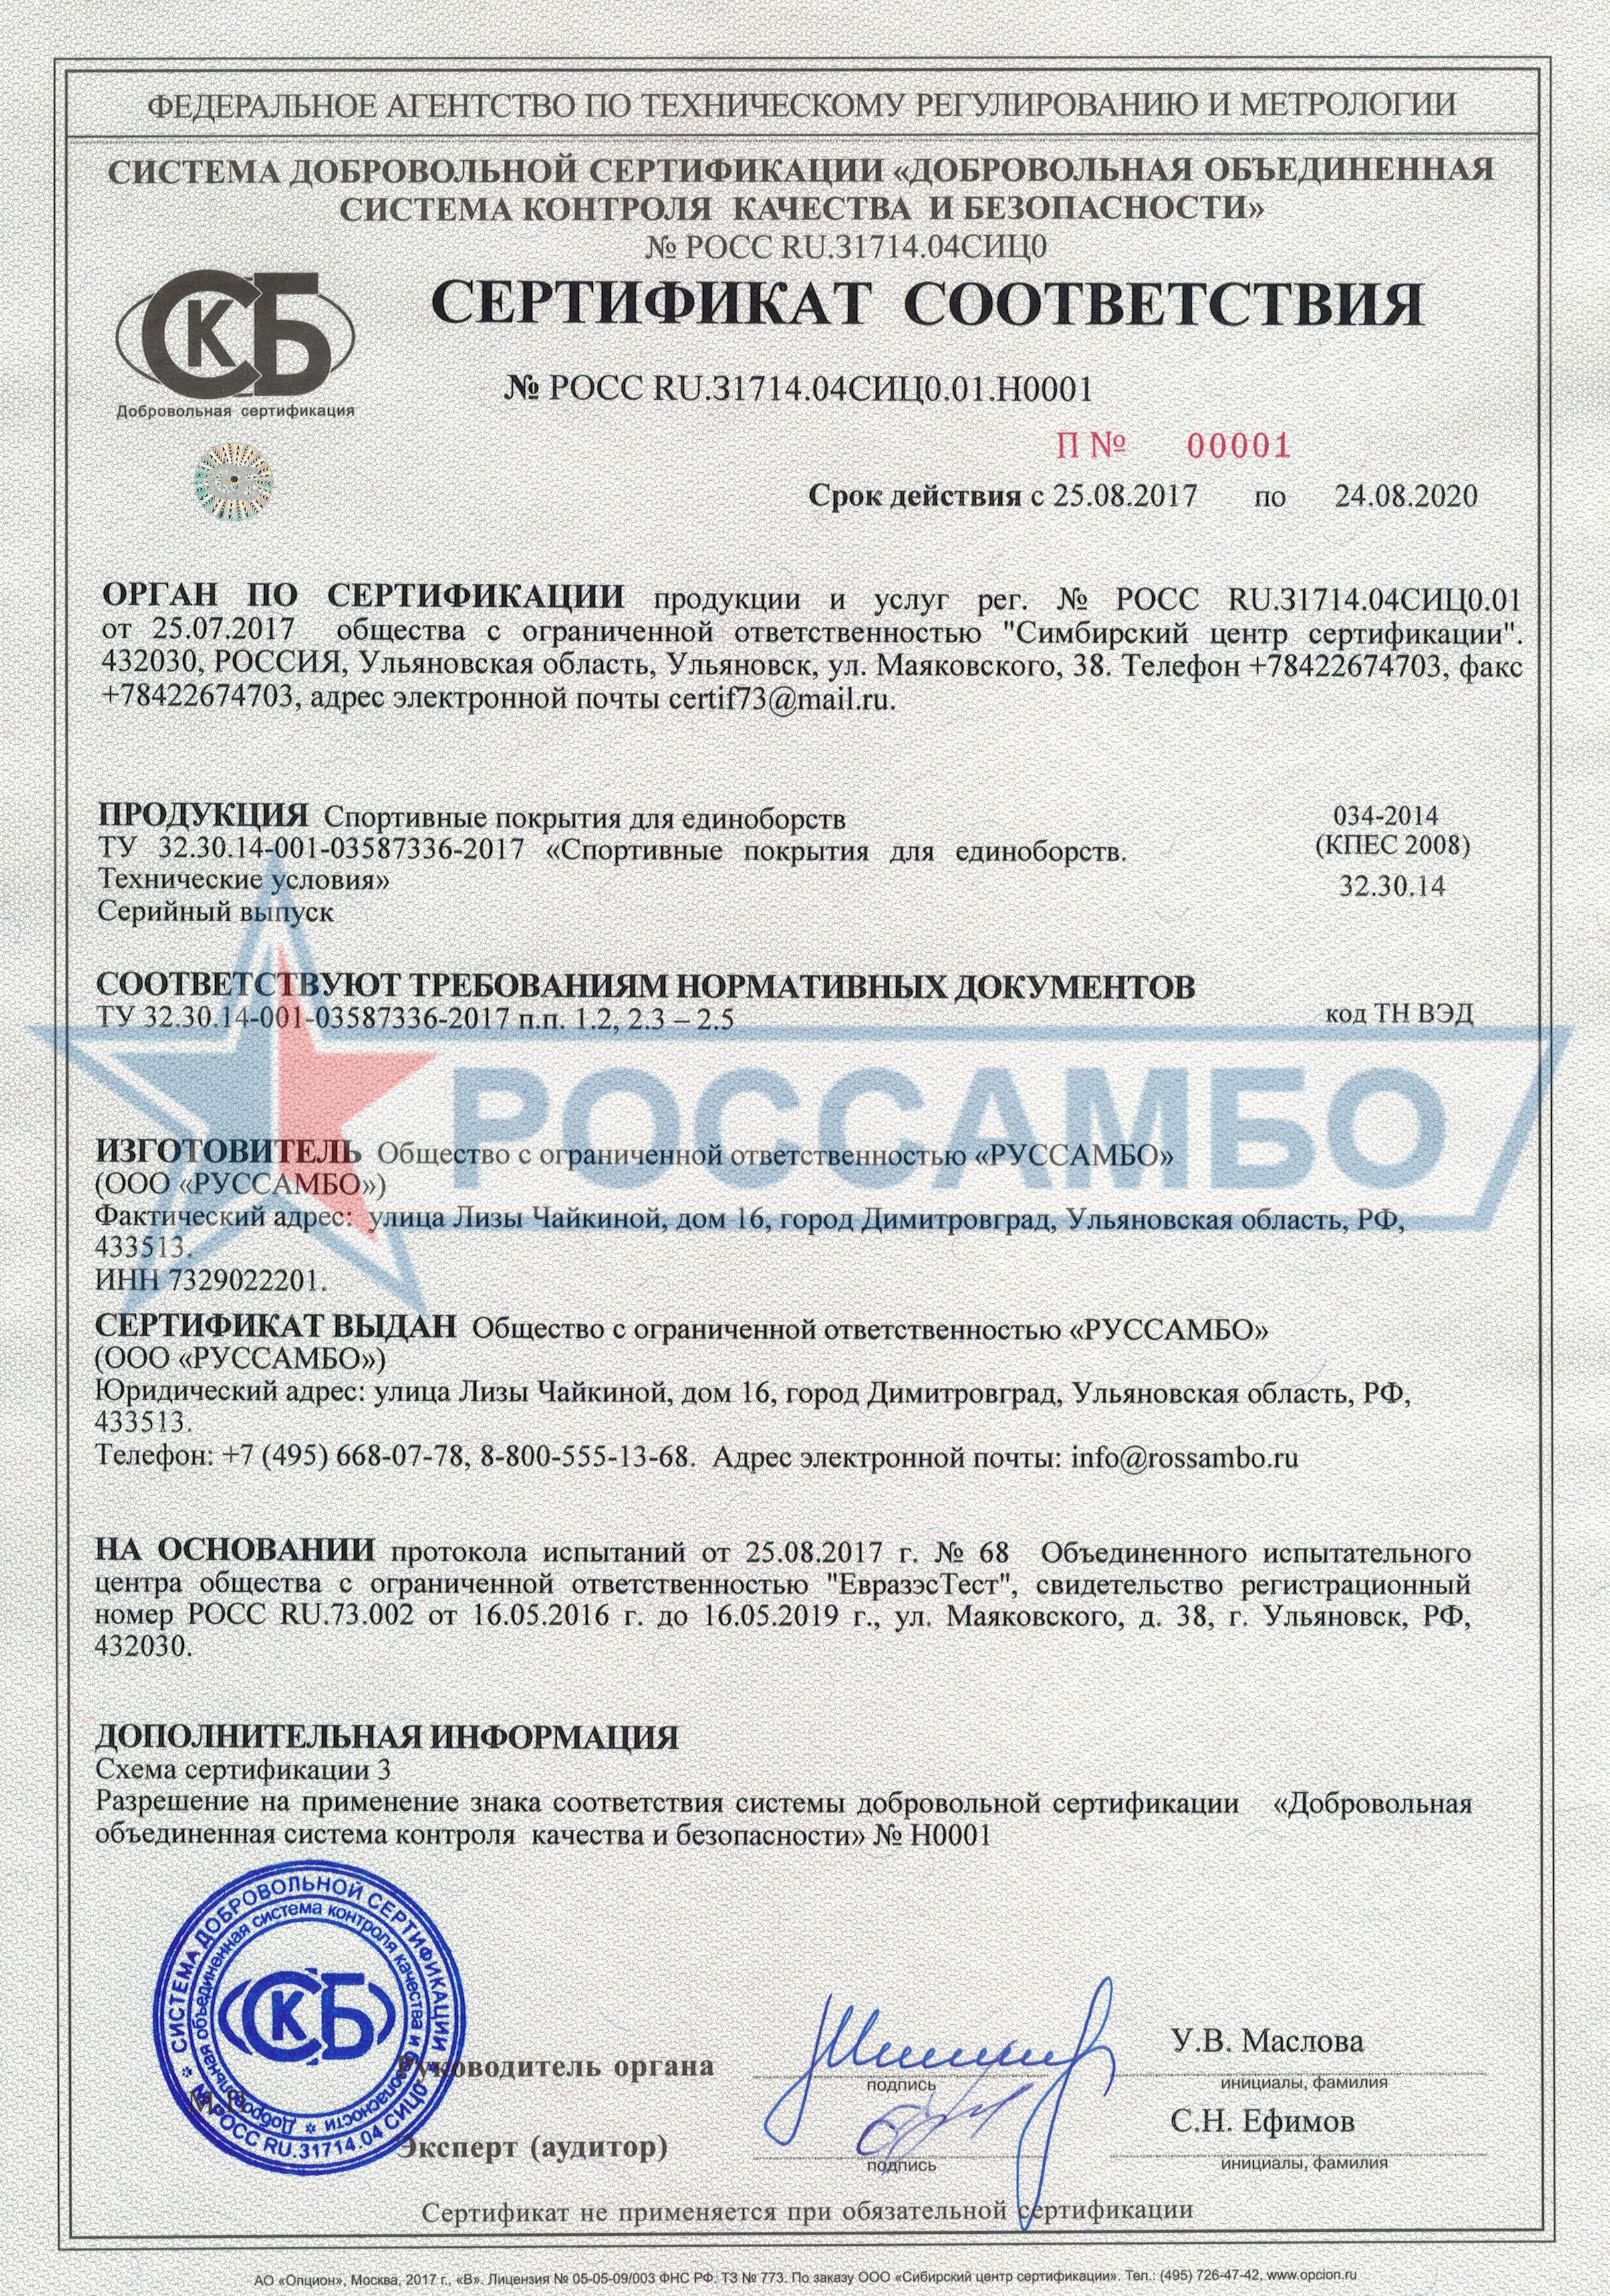 Сертификат соответствия качеству продукции компании РОССАМБО